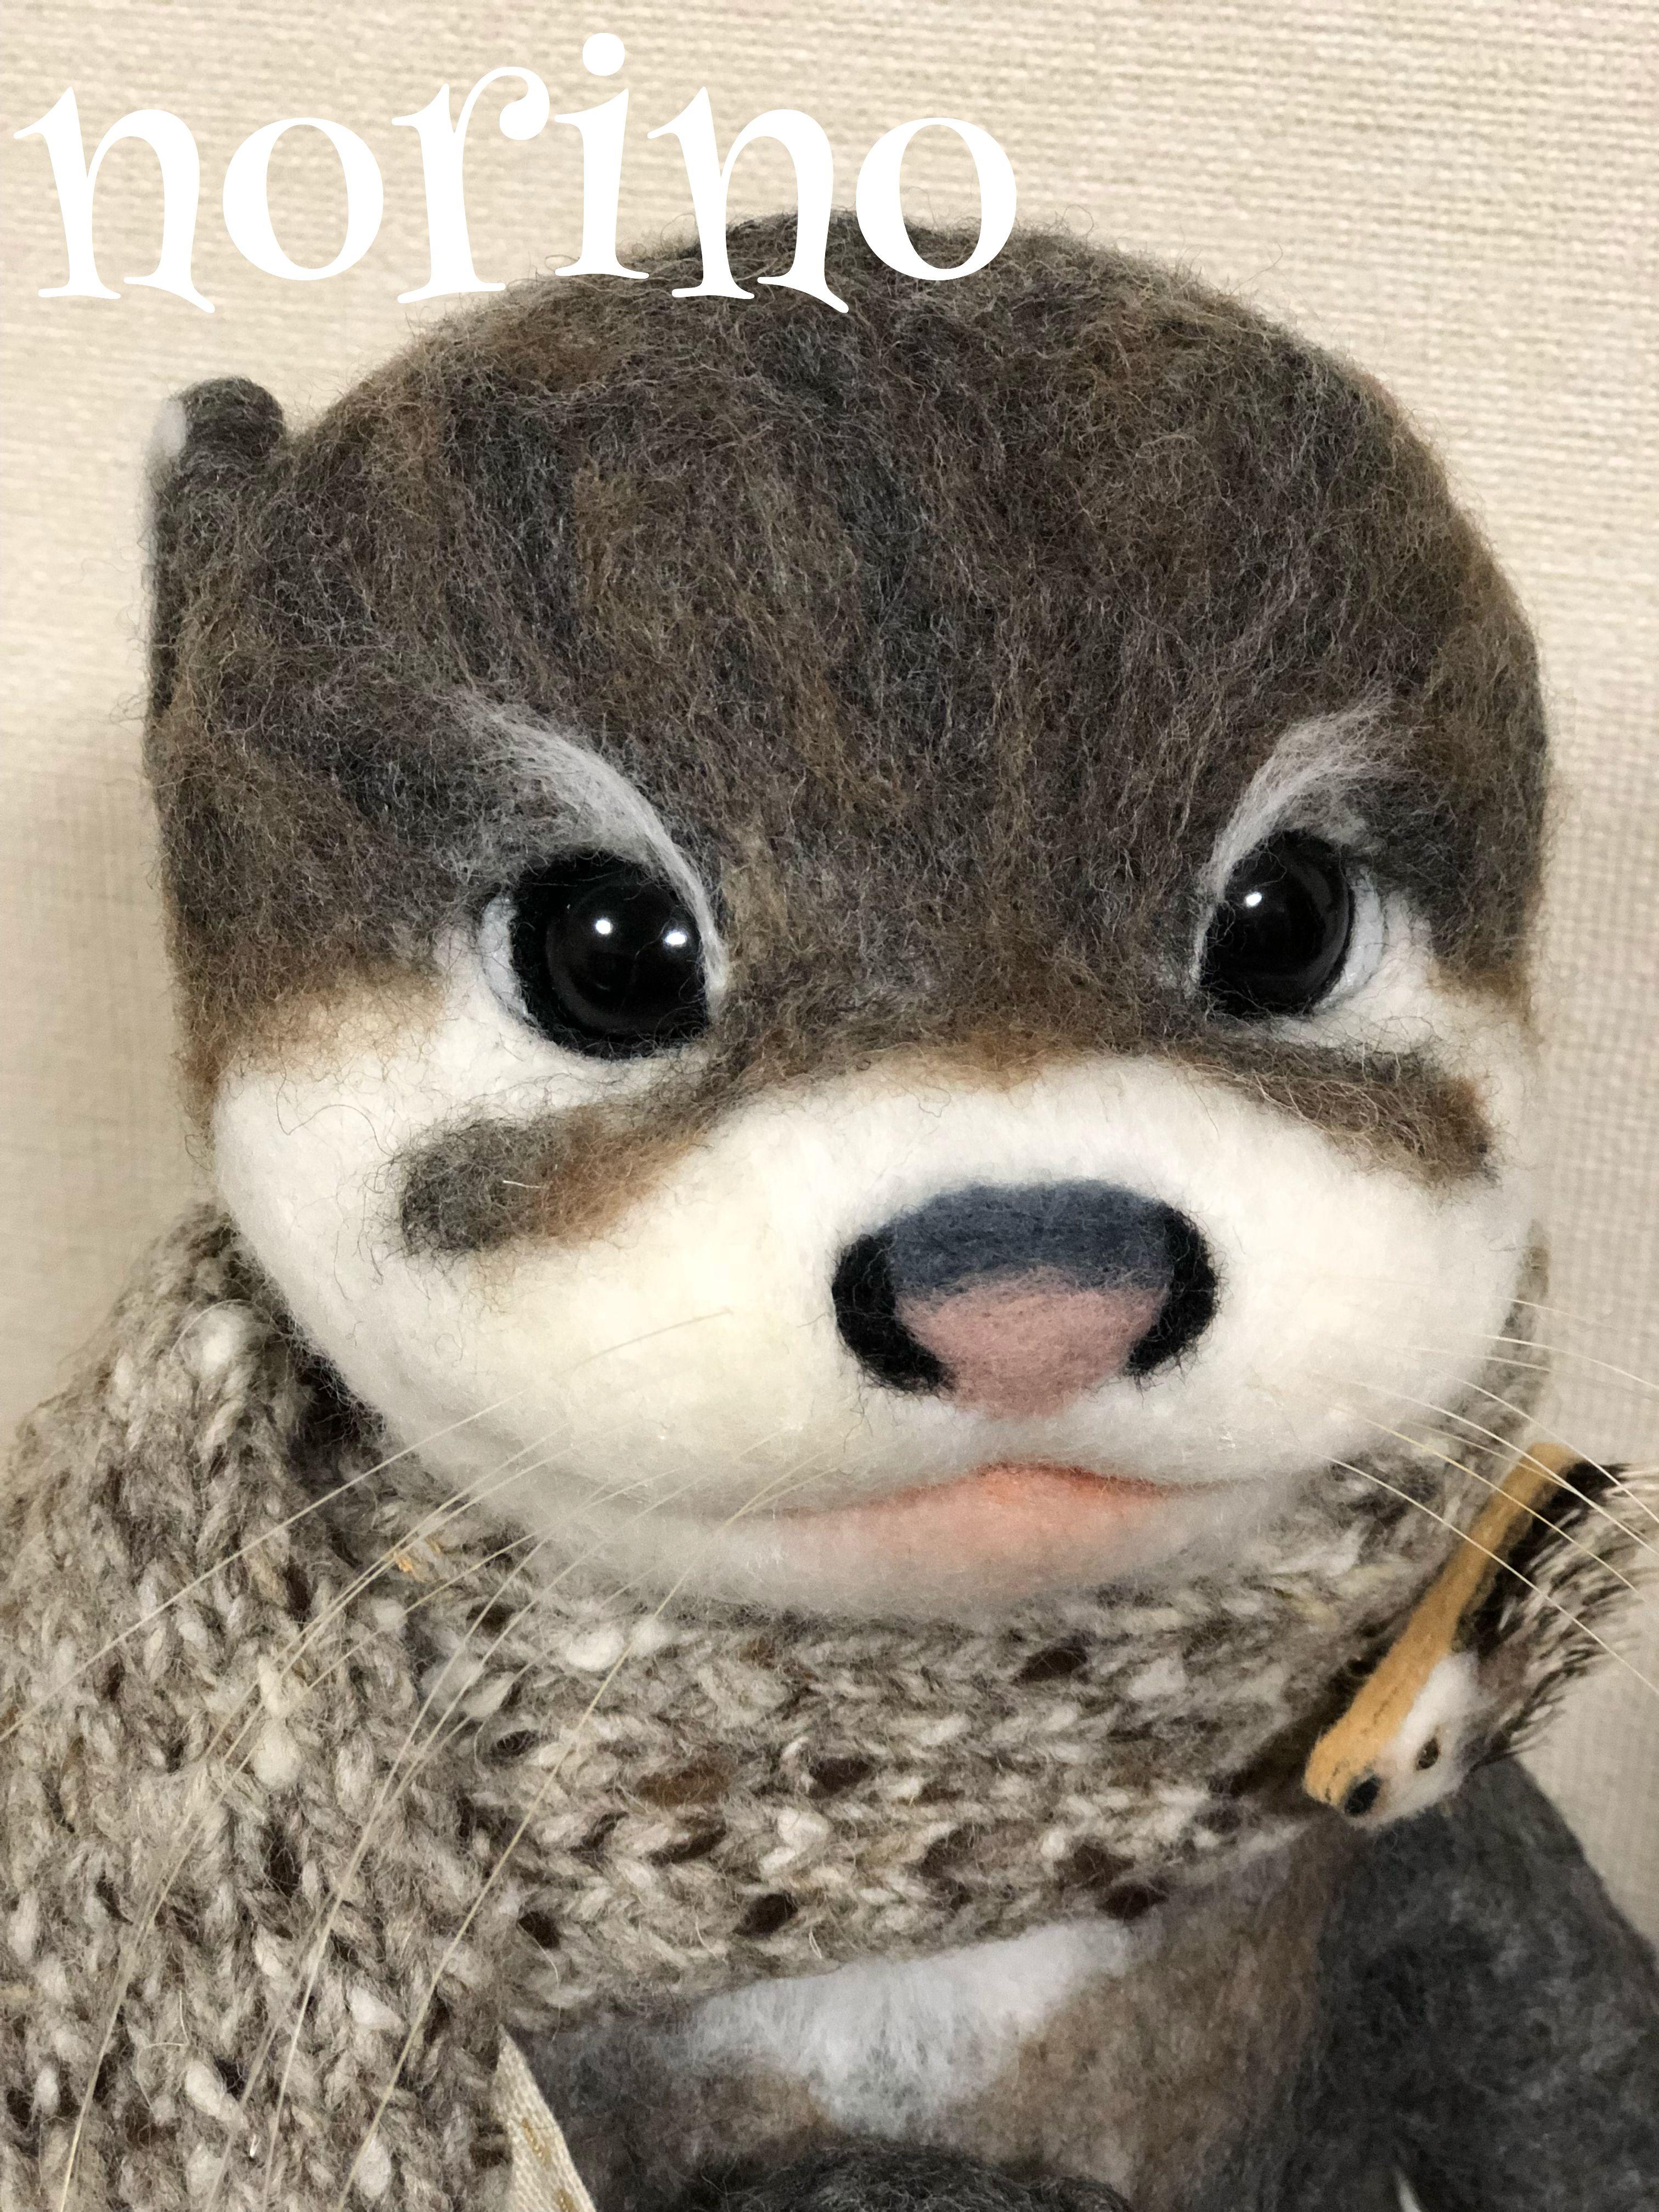 羊毛フェルトでコツメカワウソのコツくんを作りました。大きさは座高26センチ!ようもうフェルト魂!展で展示します。 #羊毛フェルト #コツメカワウソ #otter #カワウソ #needlfelt